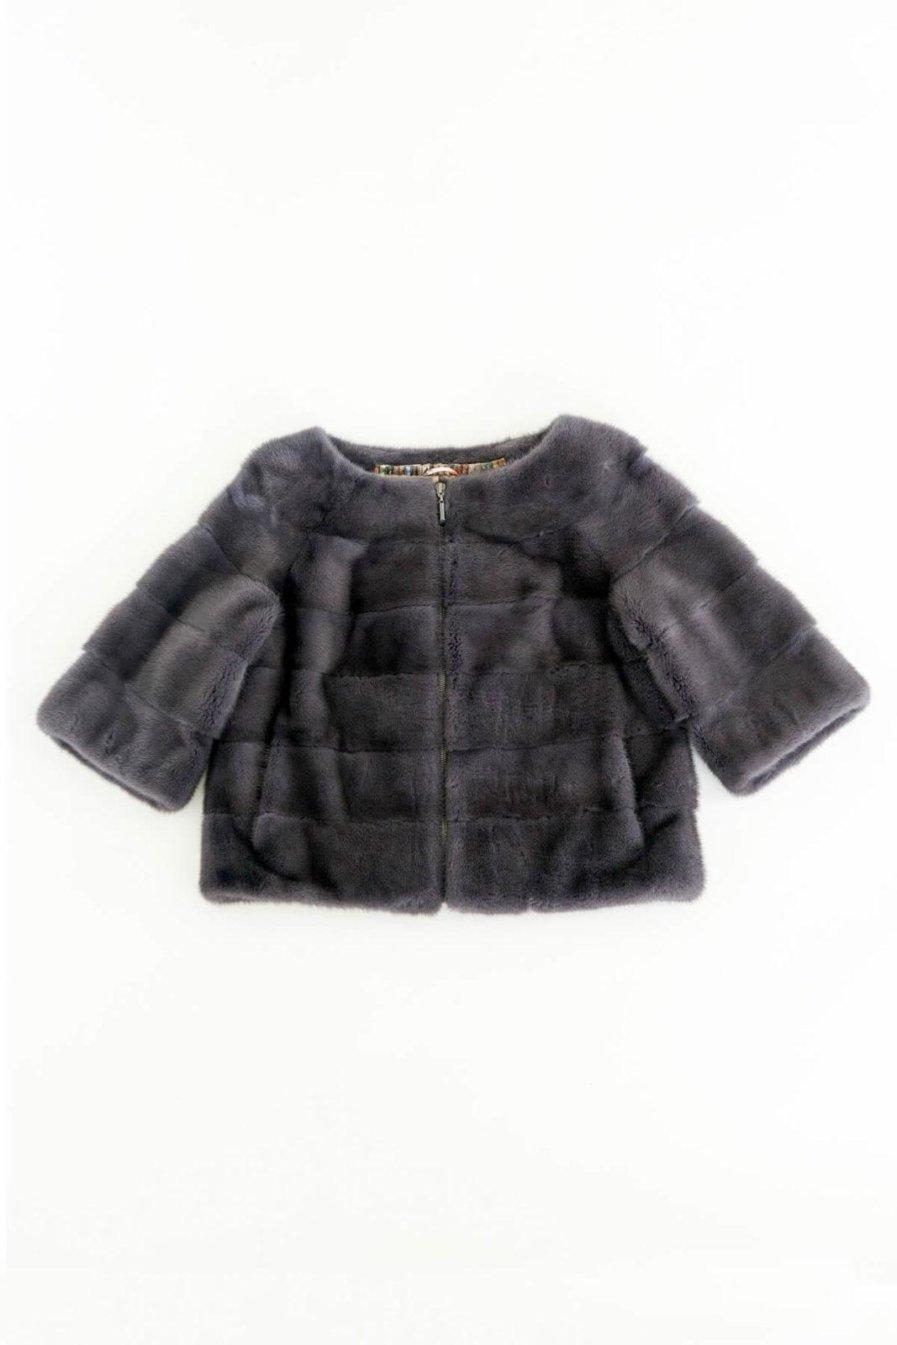 [:en]Jacket[:ja]ミンクジャケット[:]